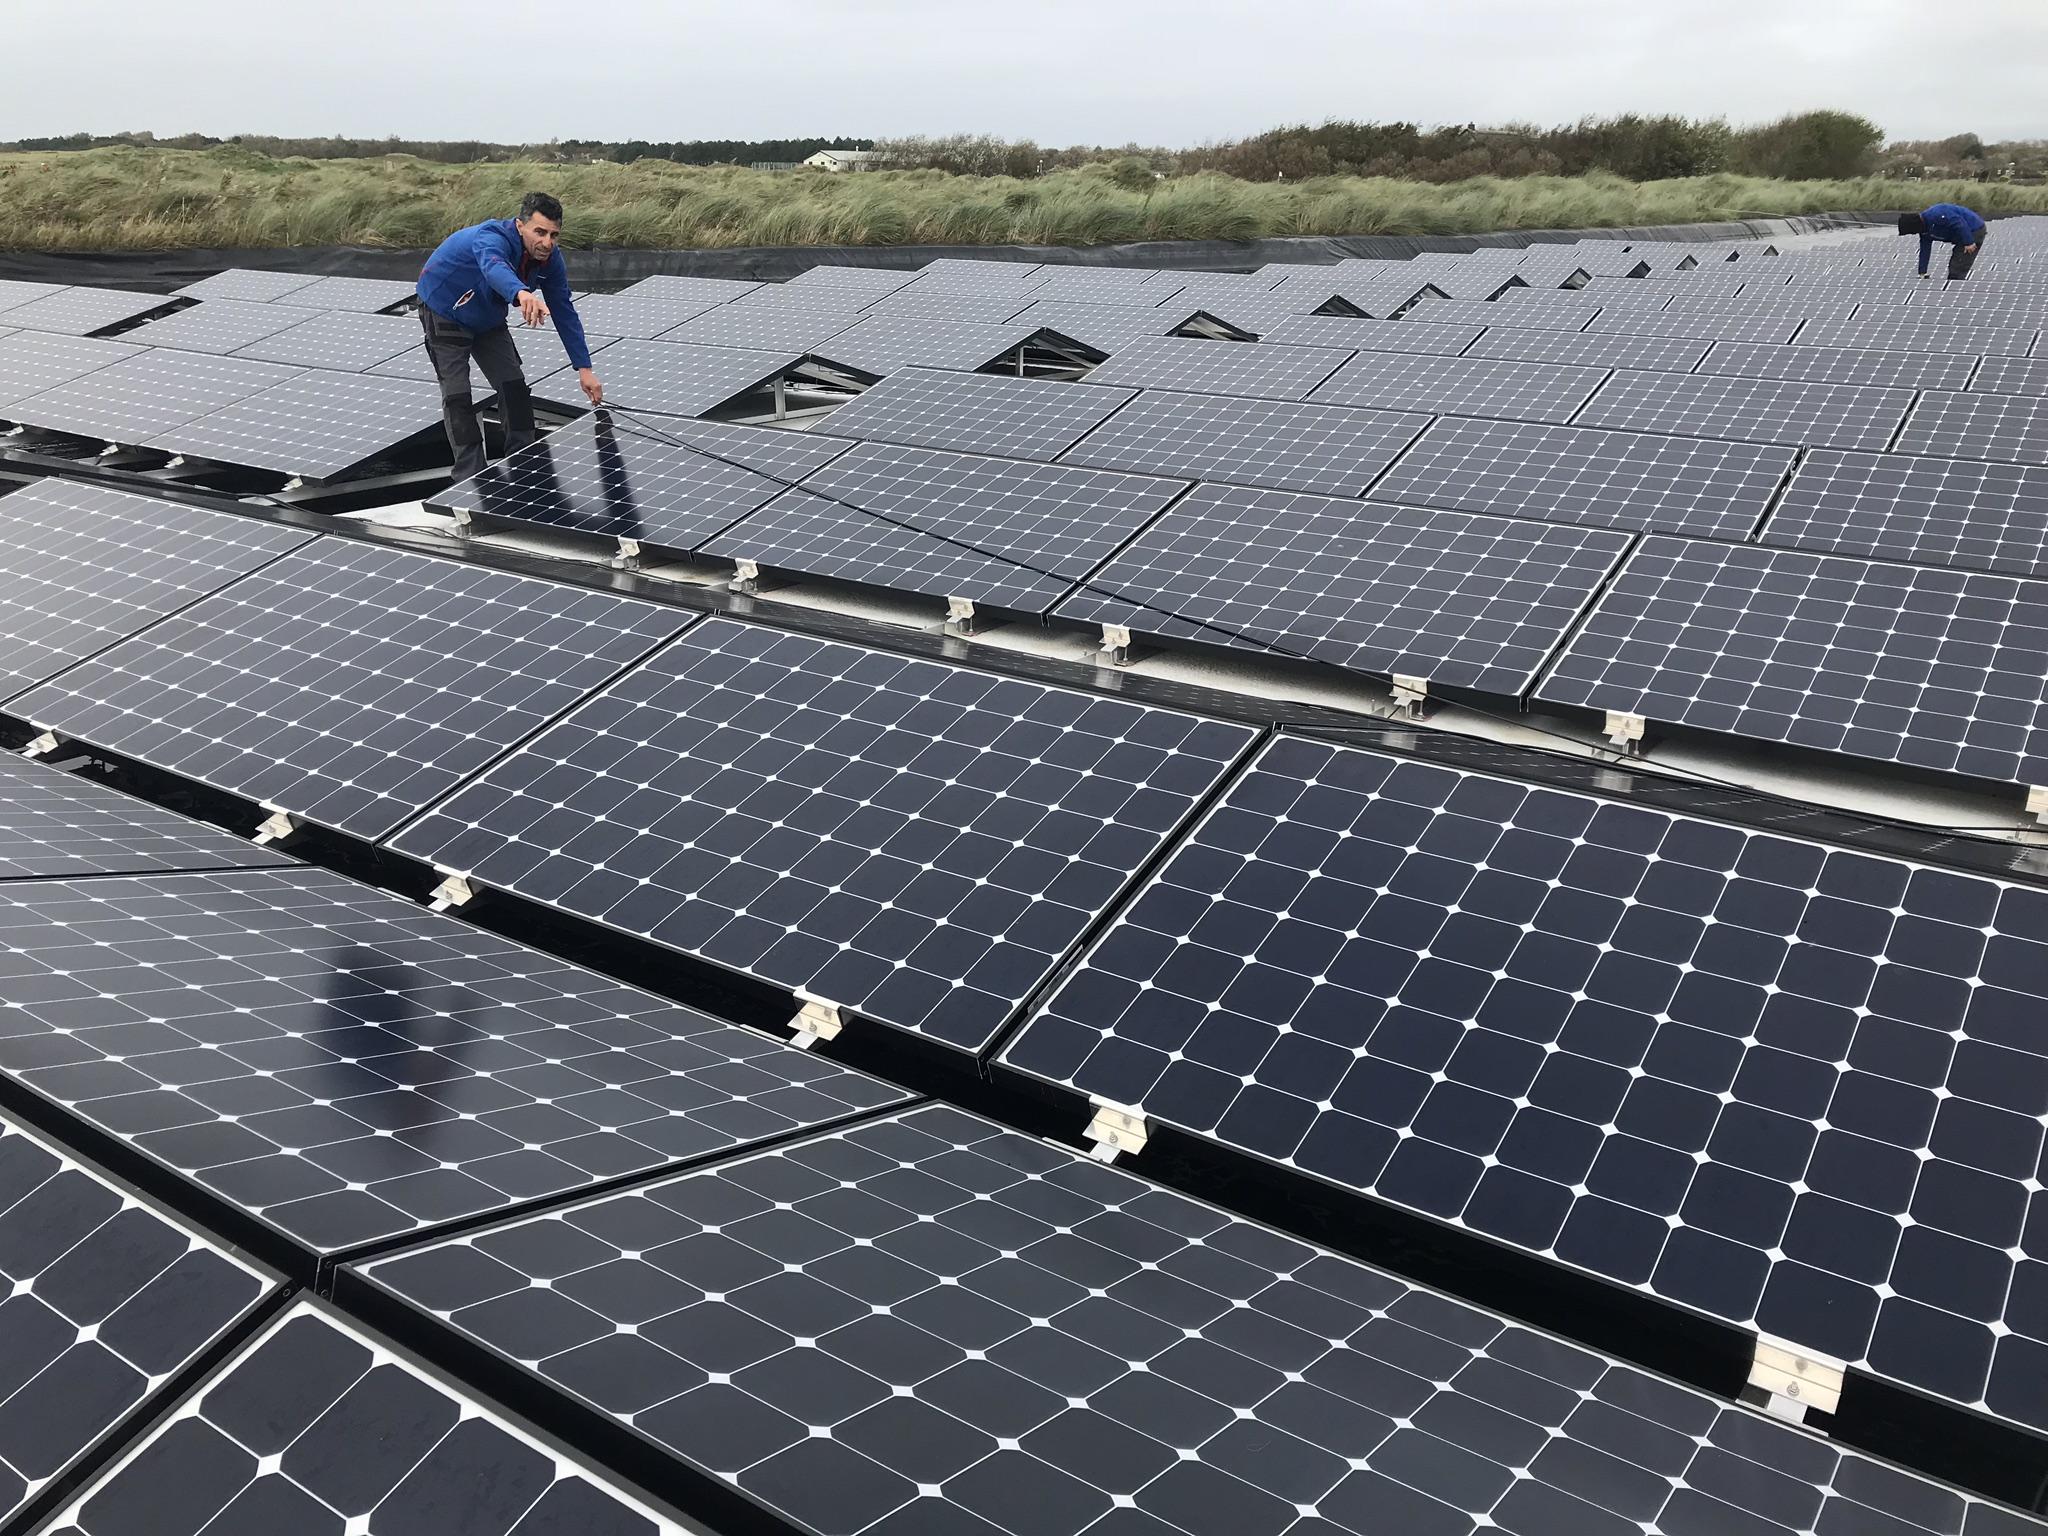 Floating-solar-pv-system-netherlands-nederland-texel-08.jpeg